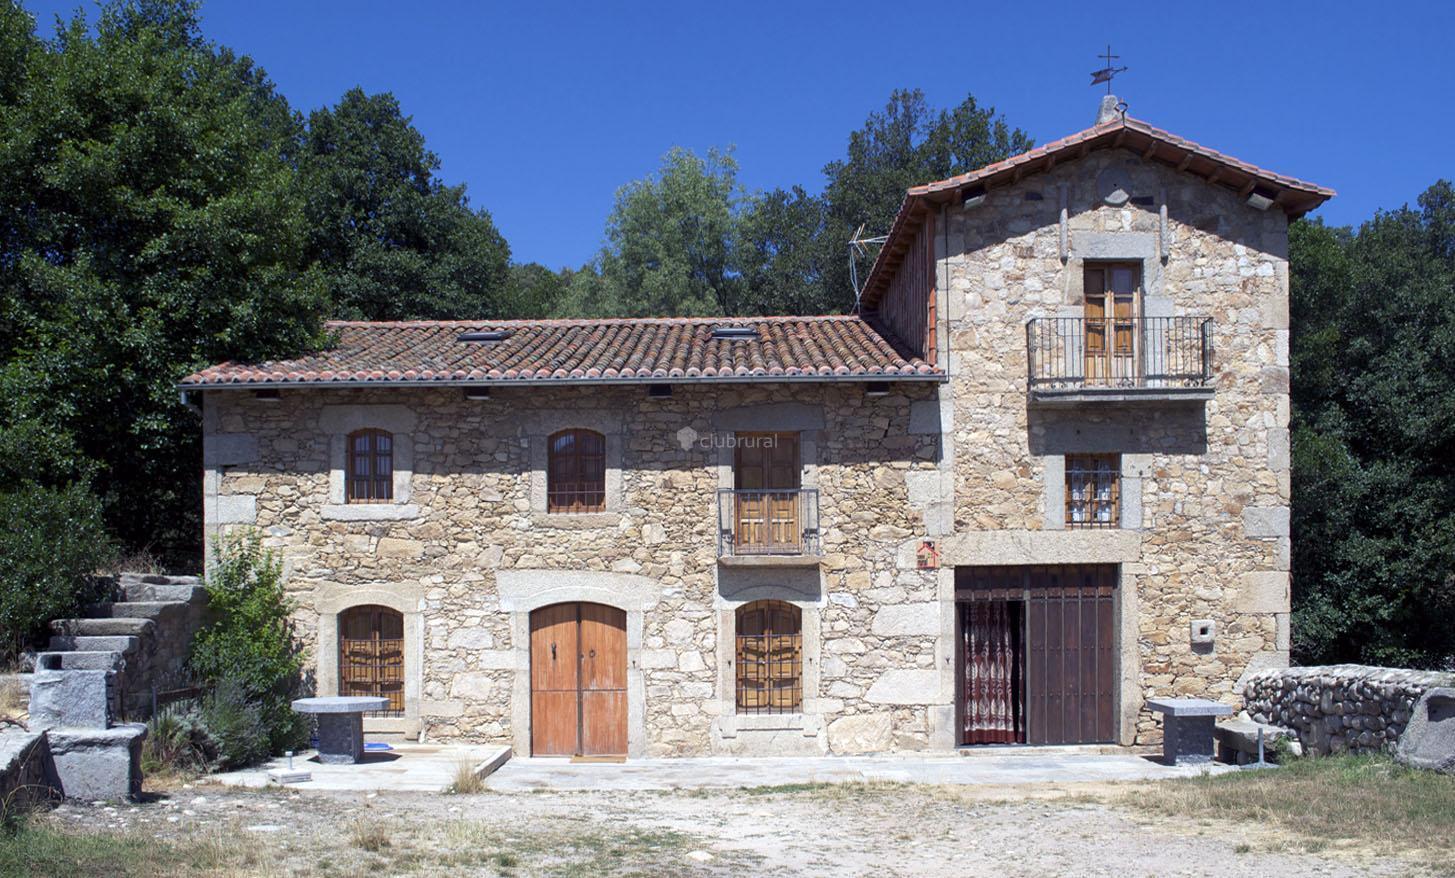 Fotos de vivegredos el molino de tormellas vila tormellas clubrural - Casas rurales grandes ...